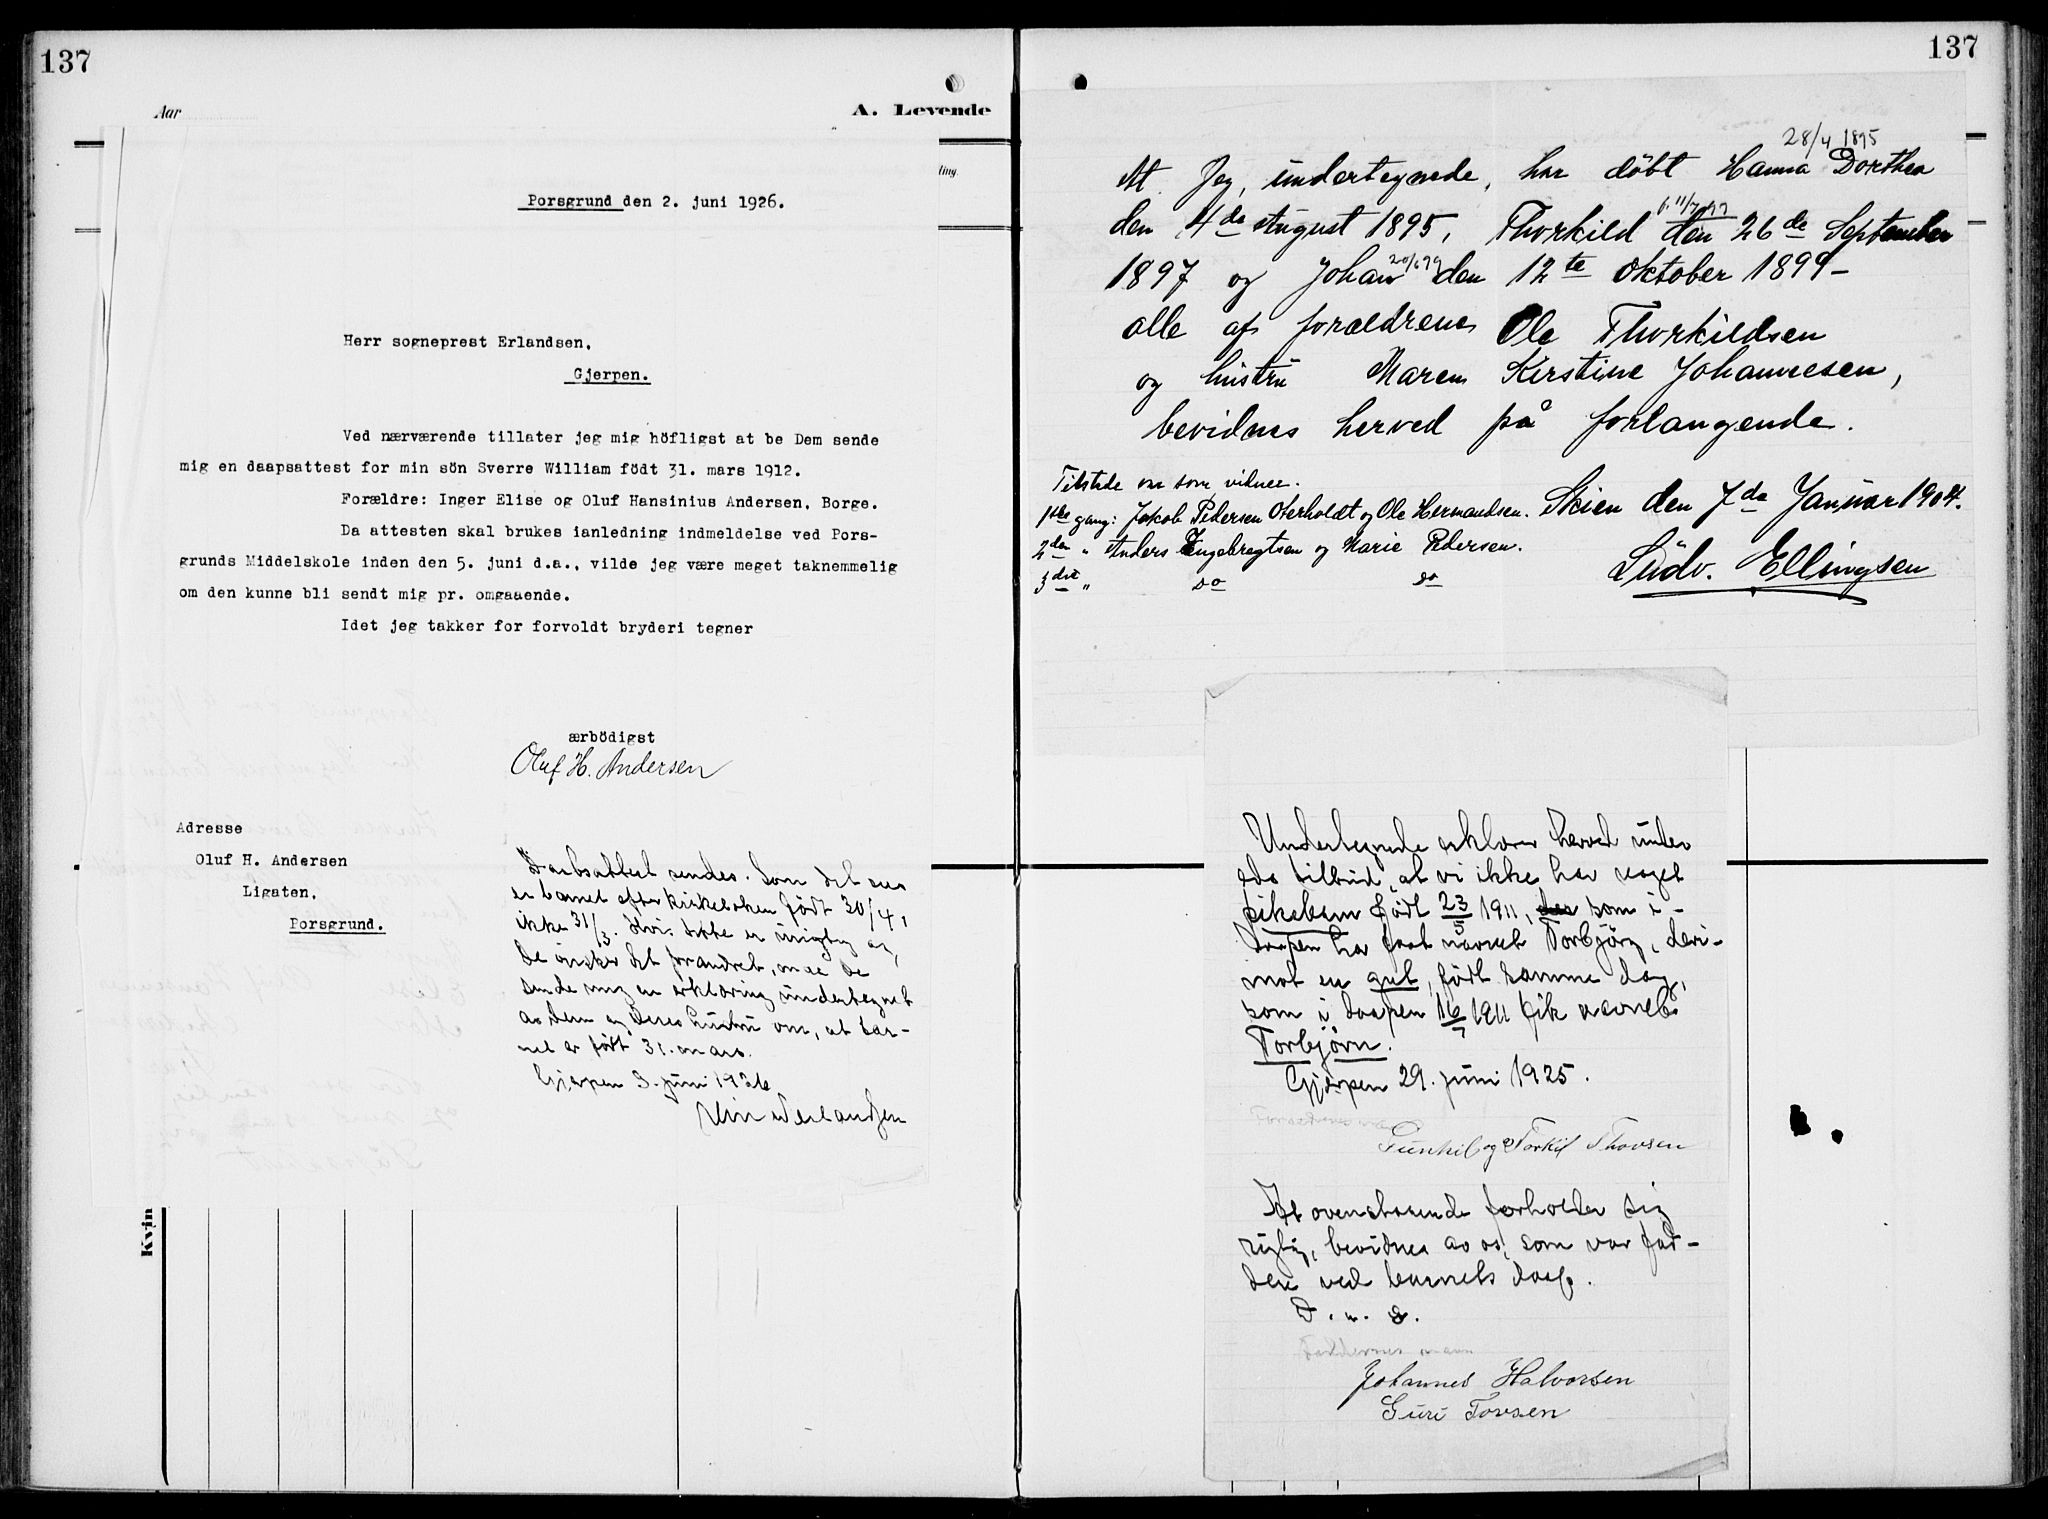 SAKO, Gjerpen kirkebøker, F/Fa/L0012: Ministerialbok nr. 12, 1905-1913, s. 137